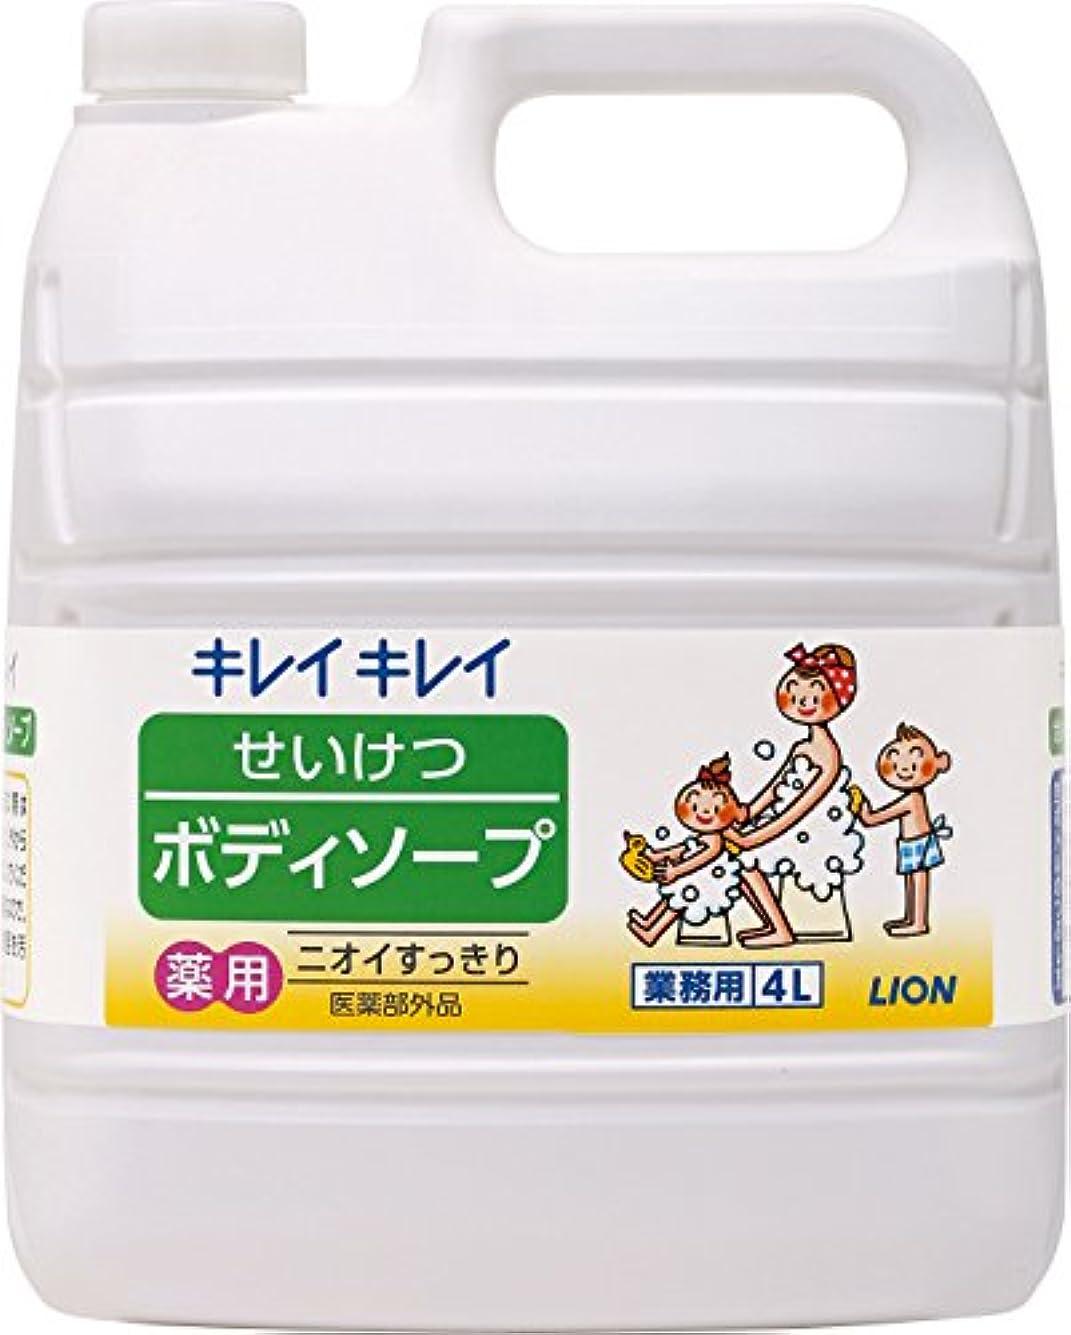 送信するかるおもちゃ【業務用 大容量】キレイキレイ せいけつボディソープ さわやかなレモン&オレンジの香り 4L(医薬部外品)